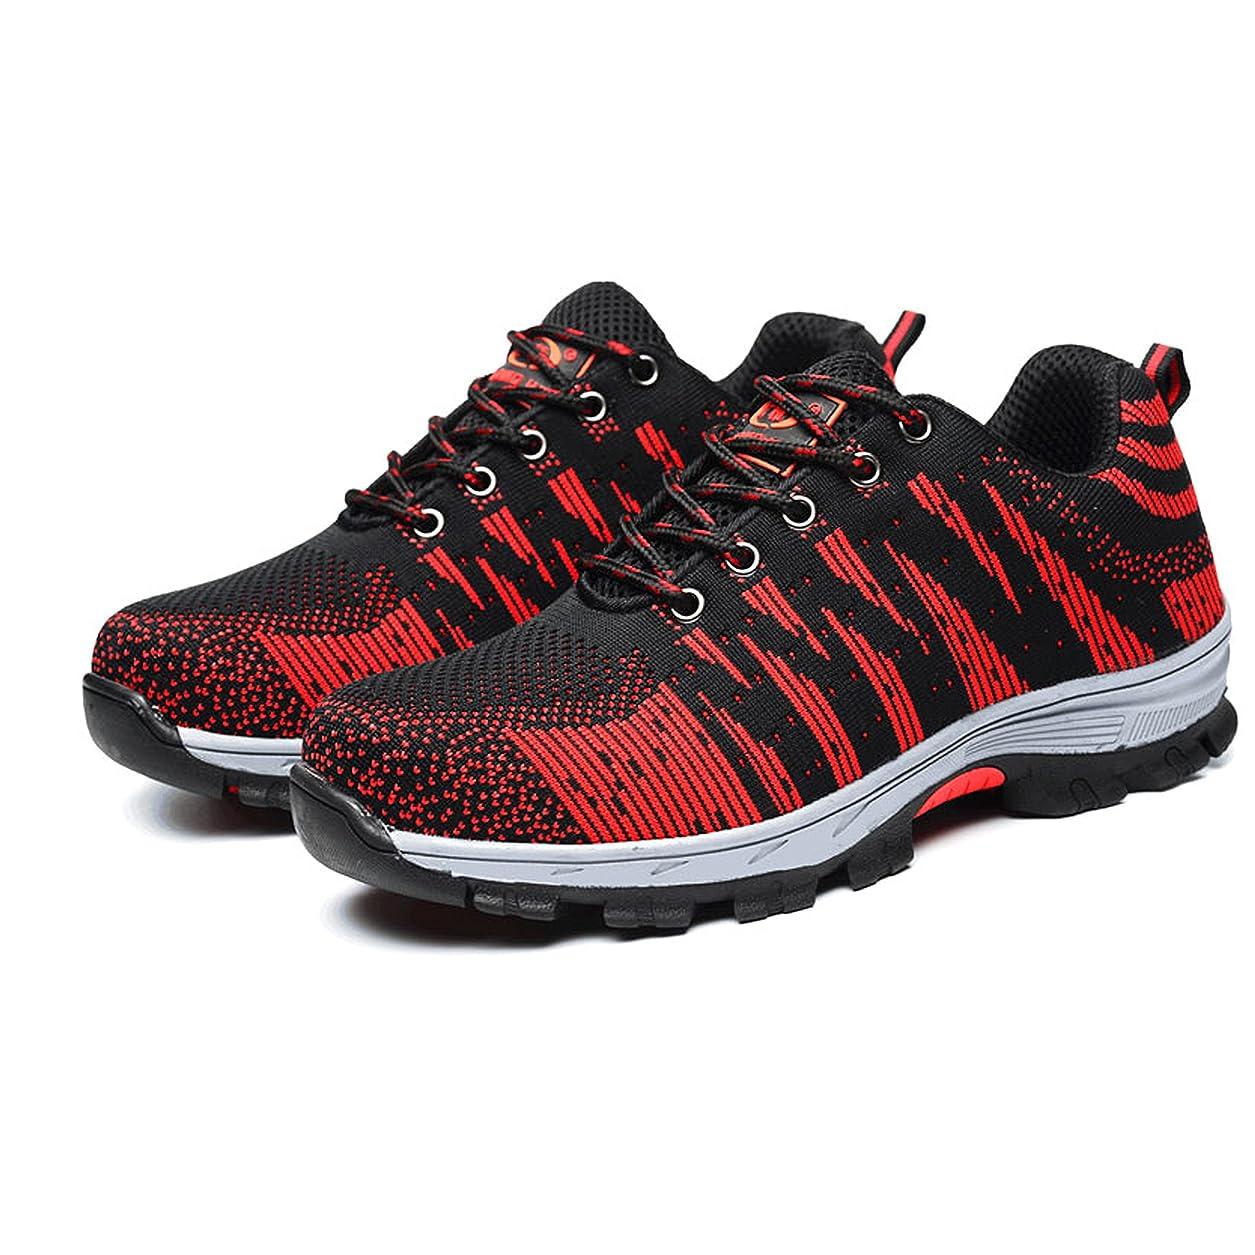 読者瞑想的歯科医Aeon hum 安全靴 作業靴 セーフティーシューズ 通気 鋼製先芯 穿刺対策 防水 四季作業靴